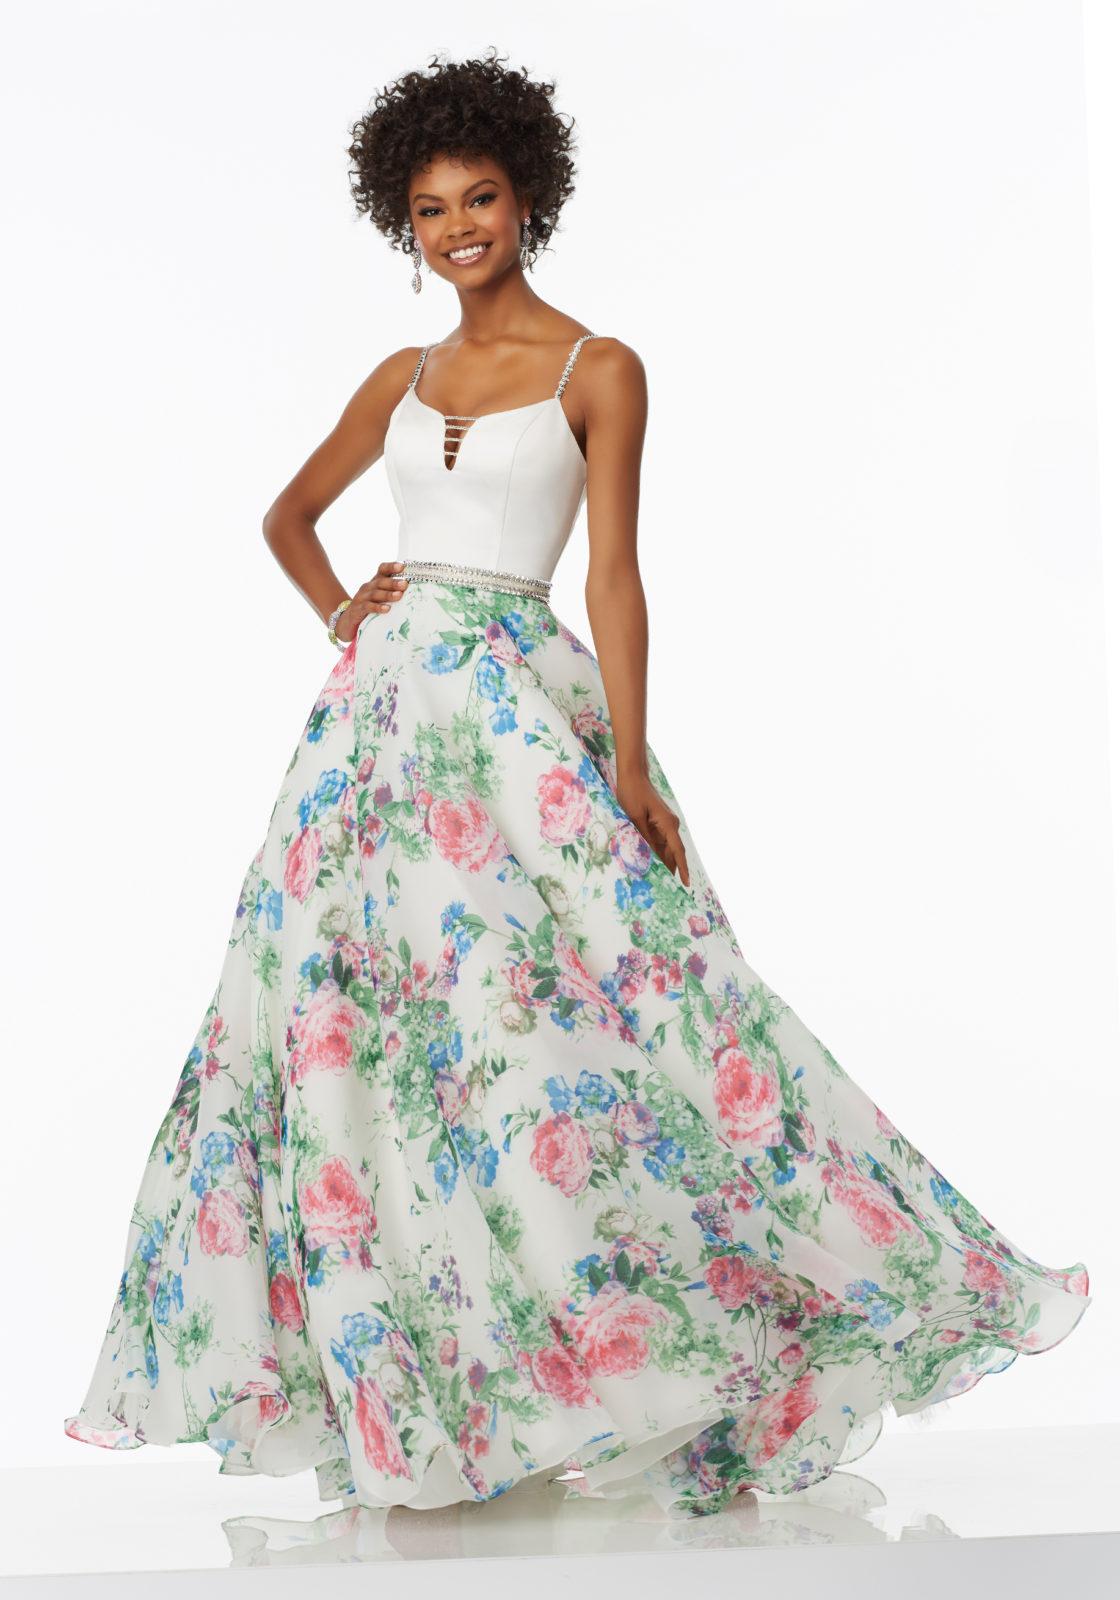 Combinación de falda estampada con top